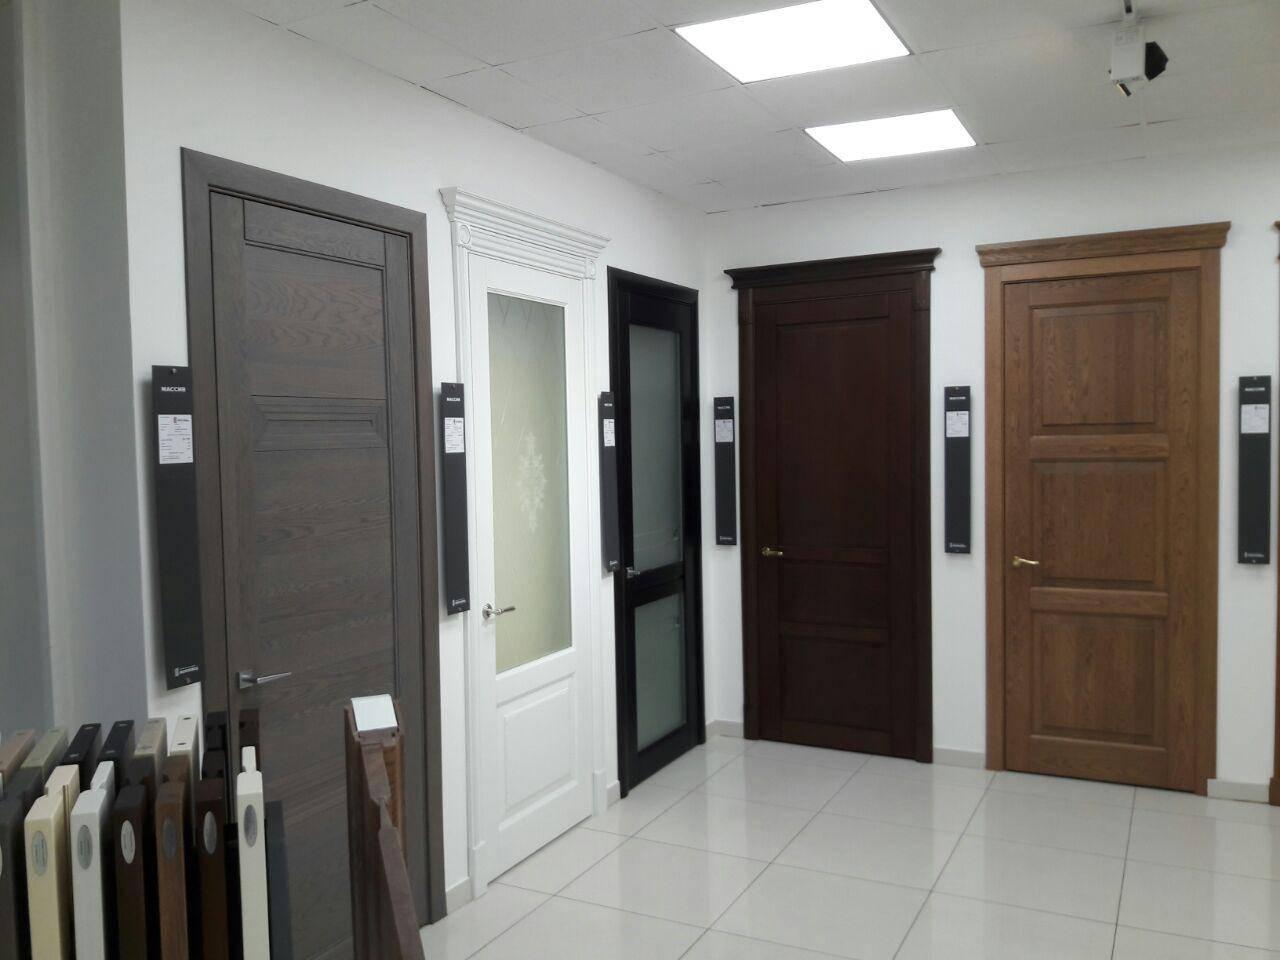 Межкомнатные двери в санкт-петербурге - фабрика дверей «арболеда»